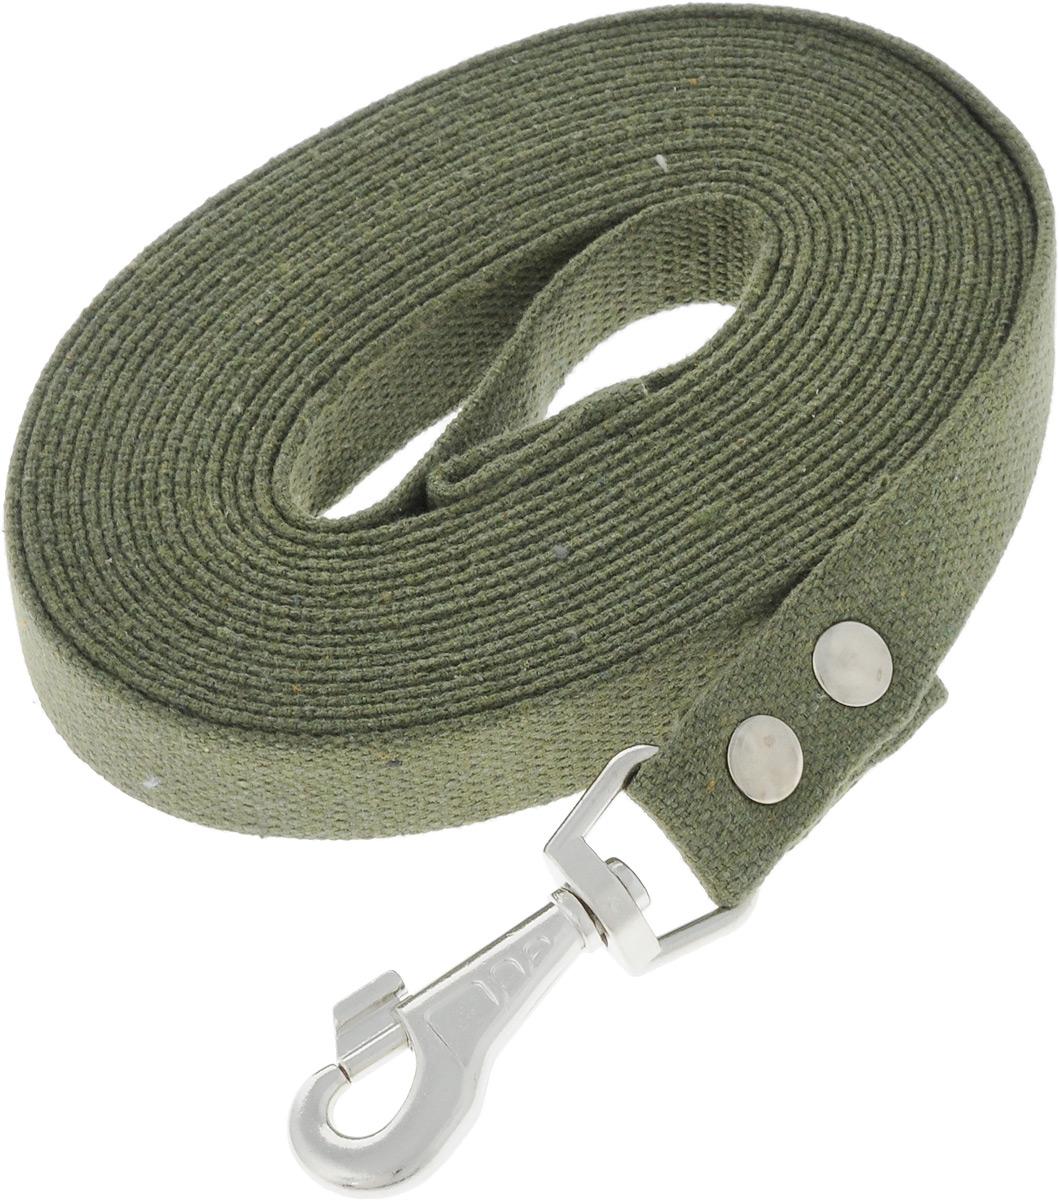 Поводок брезентовый для собак Adel-Dog, ширина 2,5 см, длина 7 м28131Поводок для собак Adel-Dog, изготовленный из высококачественной брезентовой ткани, снабжен металлическим карабином. Изделие отличается не только исключительной надежностью и удобством, но и привлекательным дизайном.Поводок - необходимый аксессуар для собаки. Ведь в опасных ситуациях именно он способен спасти жизнь вашему любимому питомцу. Иногда нужно ограничивать свободу своего четвероногого друга, чтобы защитить его или себя от неприятностей на прогулке. Длина поводка: 7 м.Ширина поводка: 2,5 см.